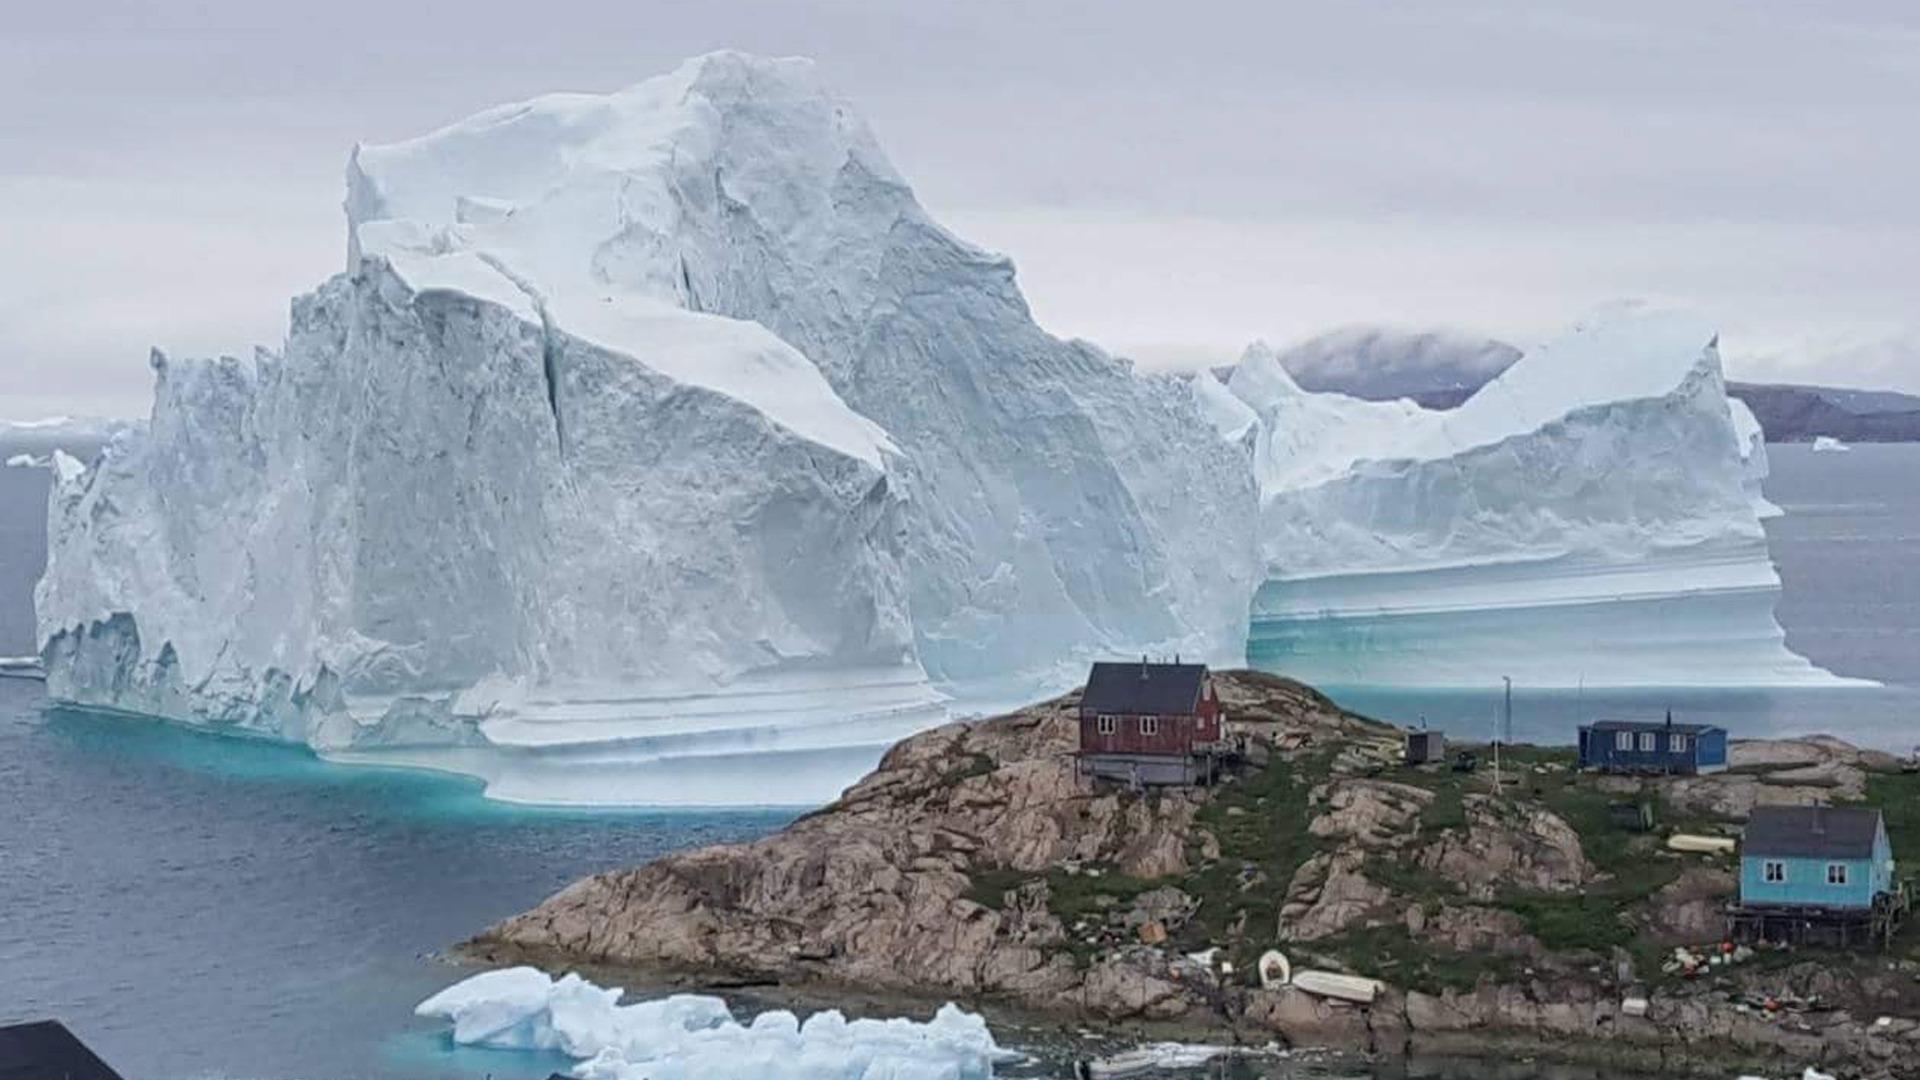 Огромен айсберг приближава малко селце на западния бряг на Гренландия.